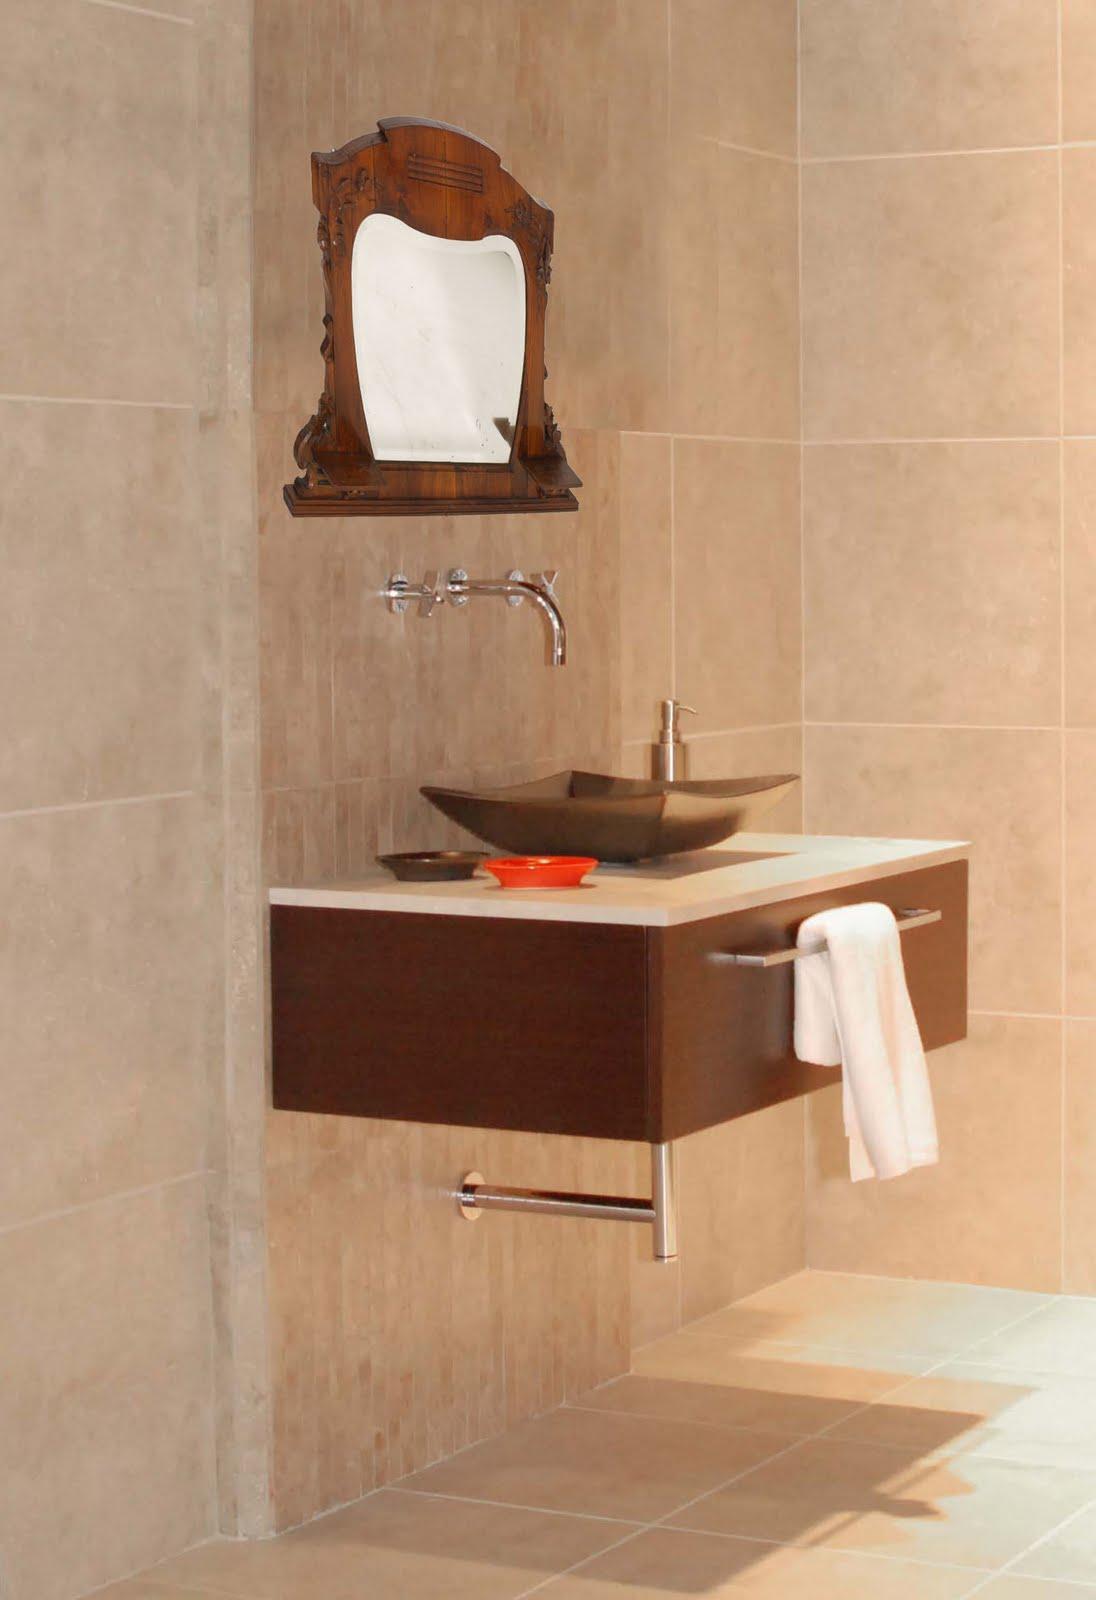 Specchiera bagno specchio art nouveau - Specchio bagno moderno ...